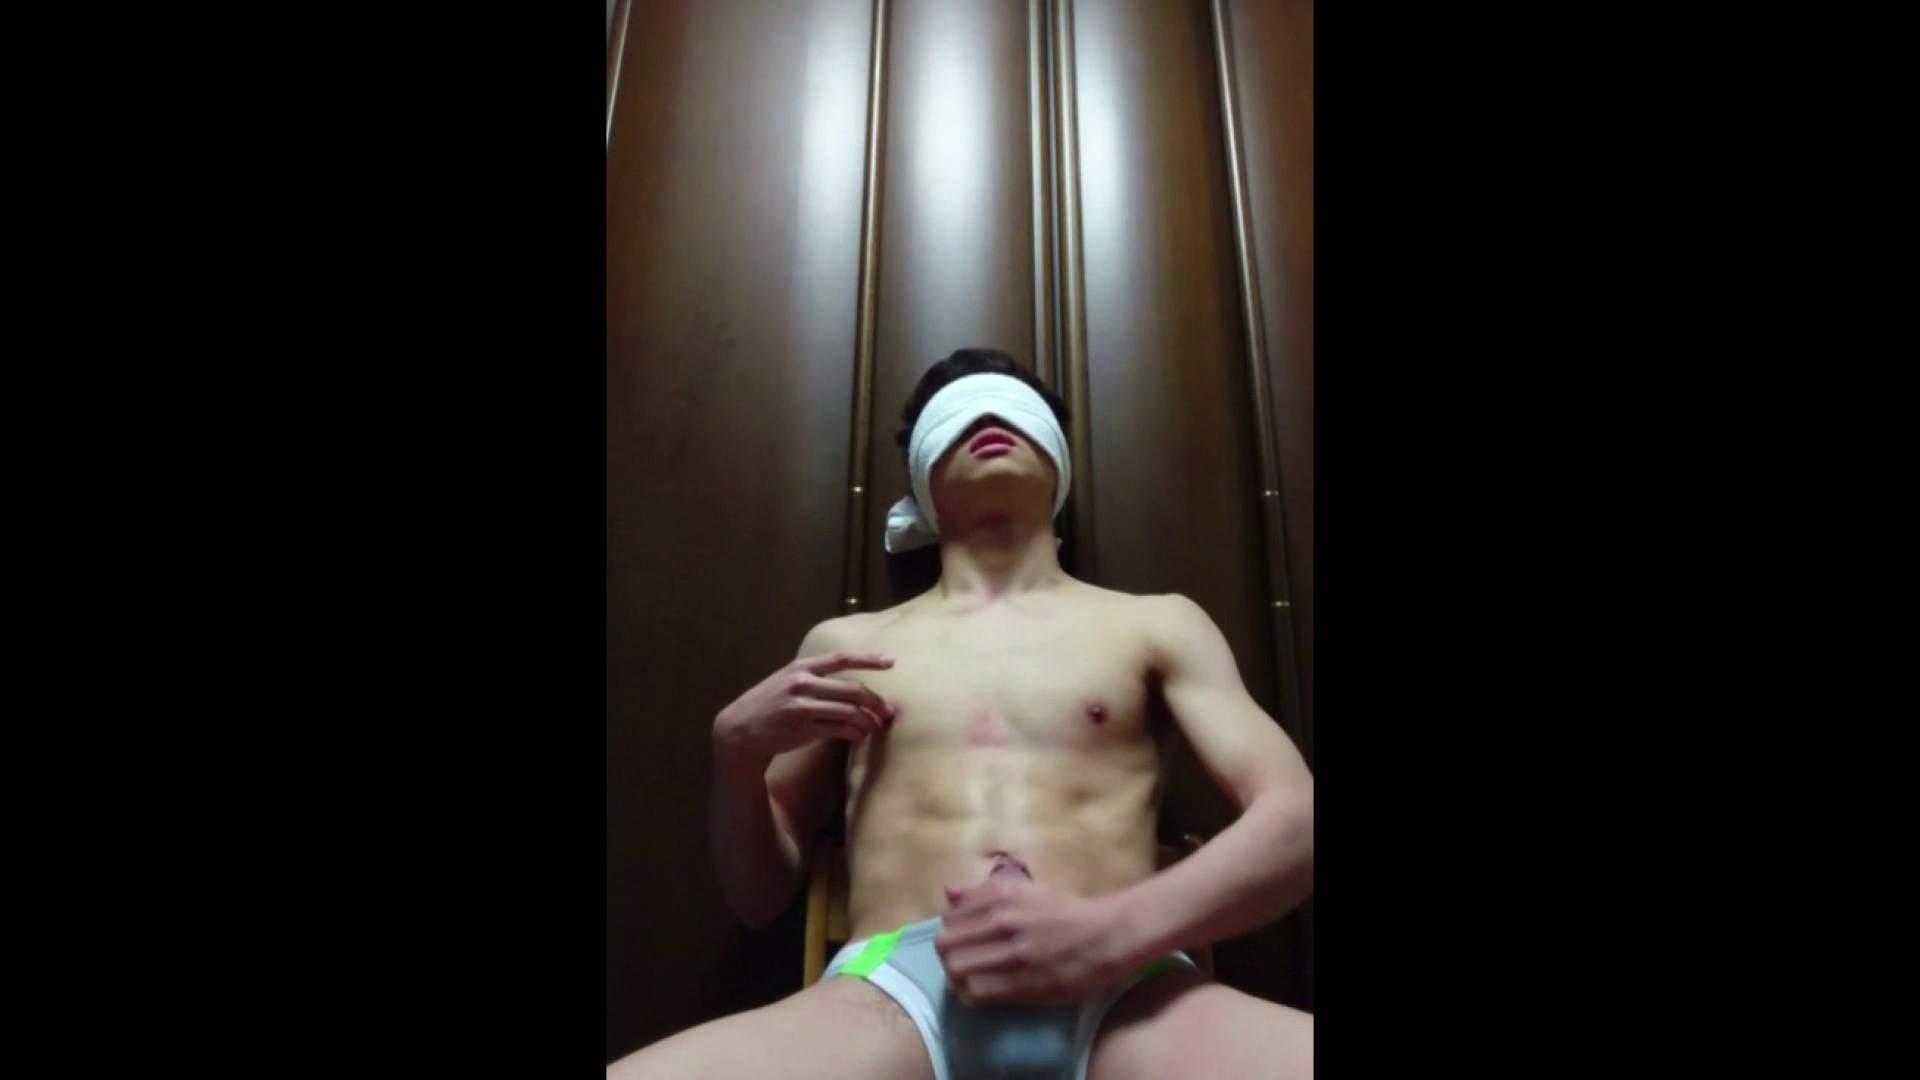 個人撮影 自慰の極意 Vol.21 個人撮影 | 手コキ ゲイエロ動画 93pic 76